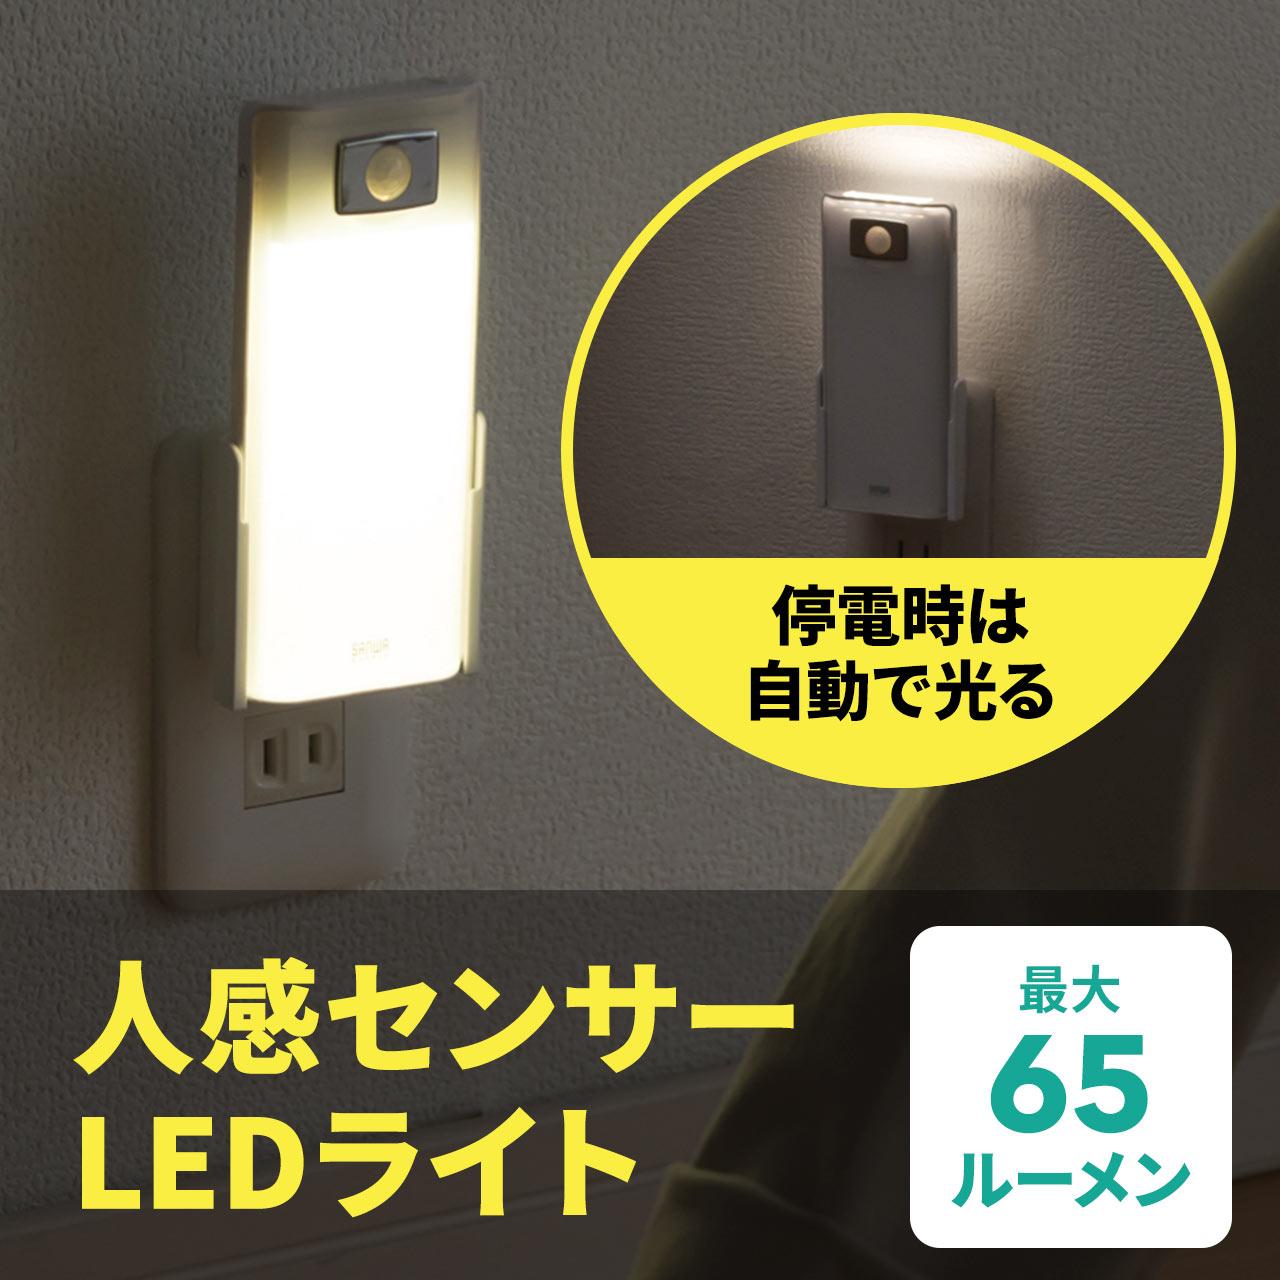 人感センサーLEDライト(LEDライト・人感センサー・AC電源・屋内用) サンワダイレクト サンワサプライ 800-LED018